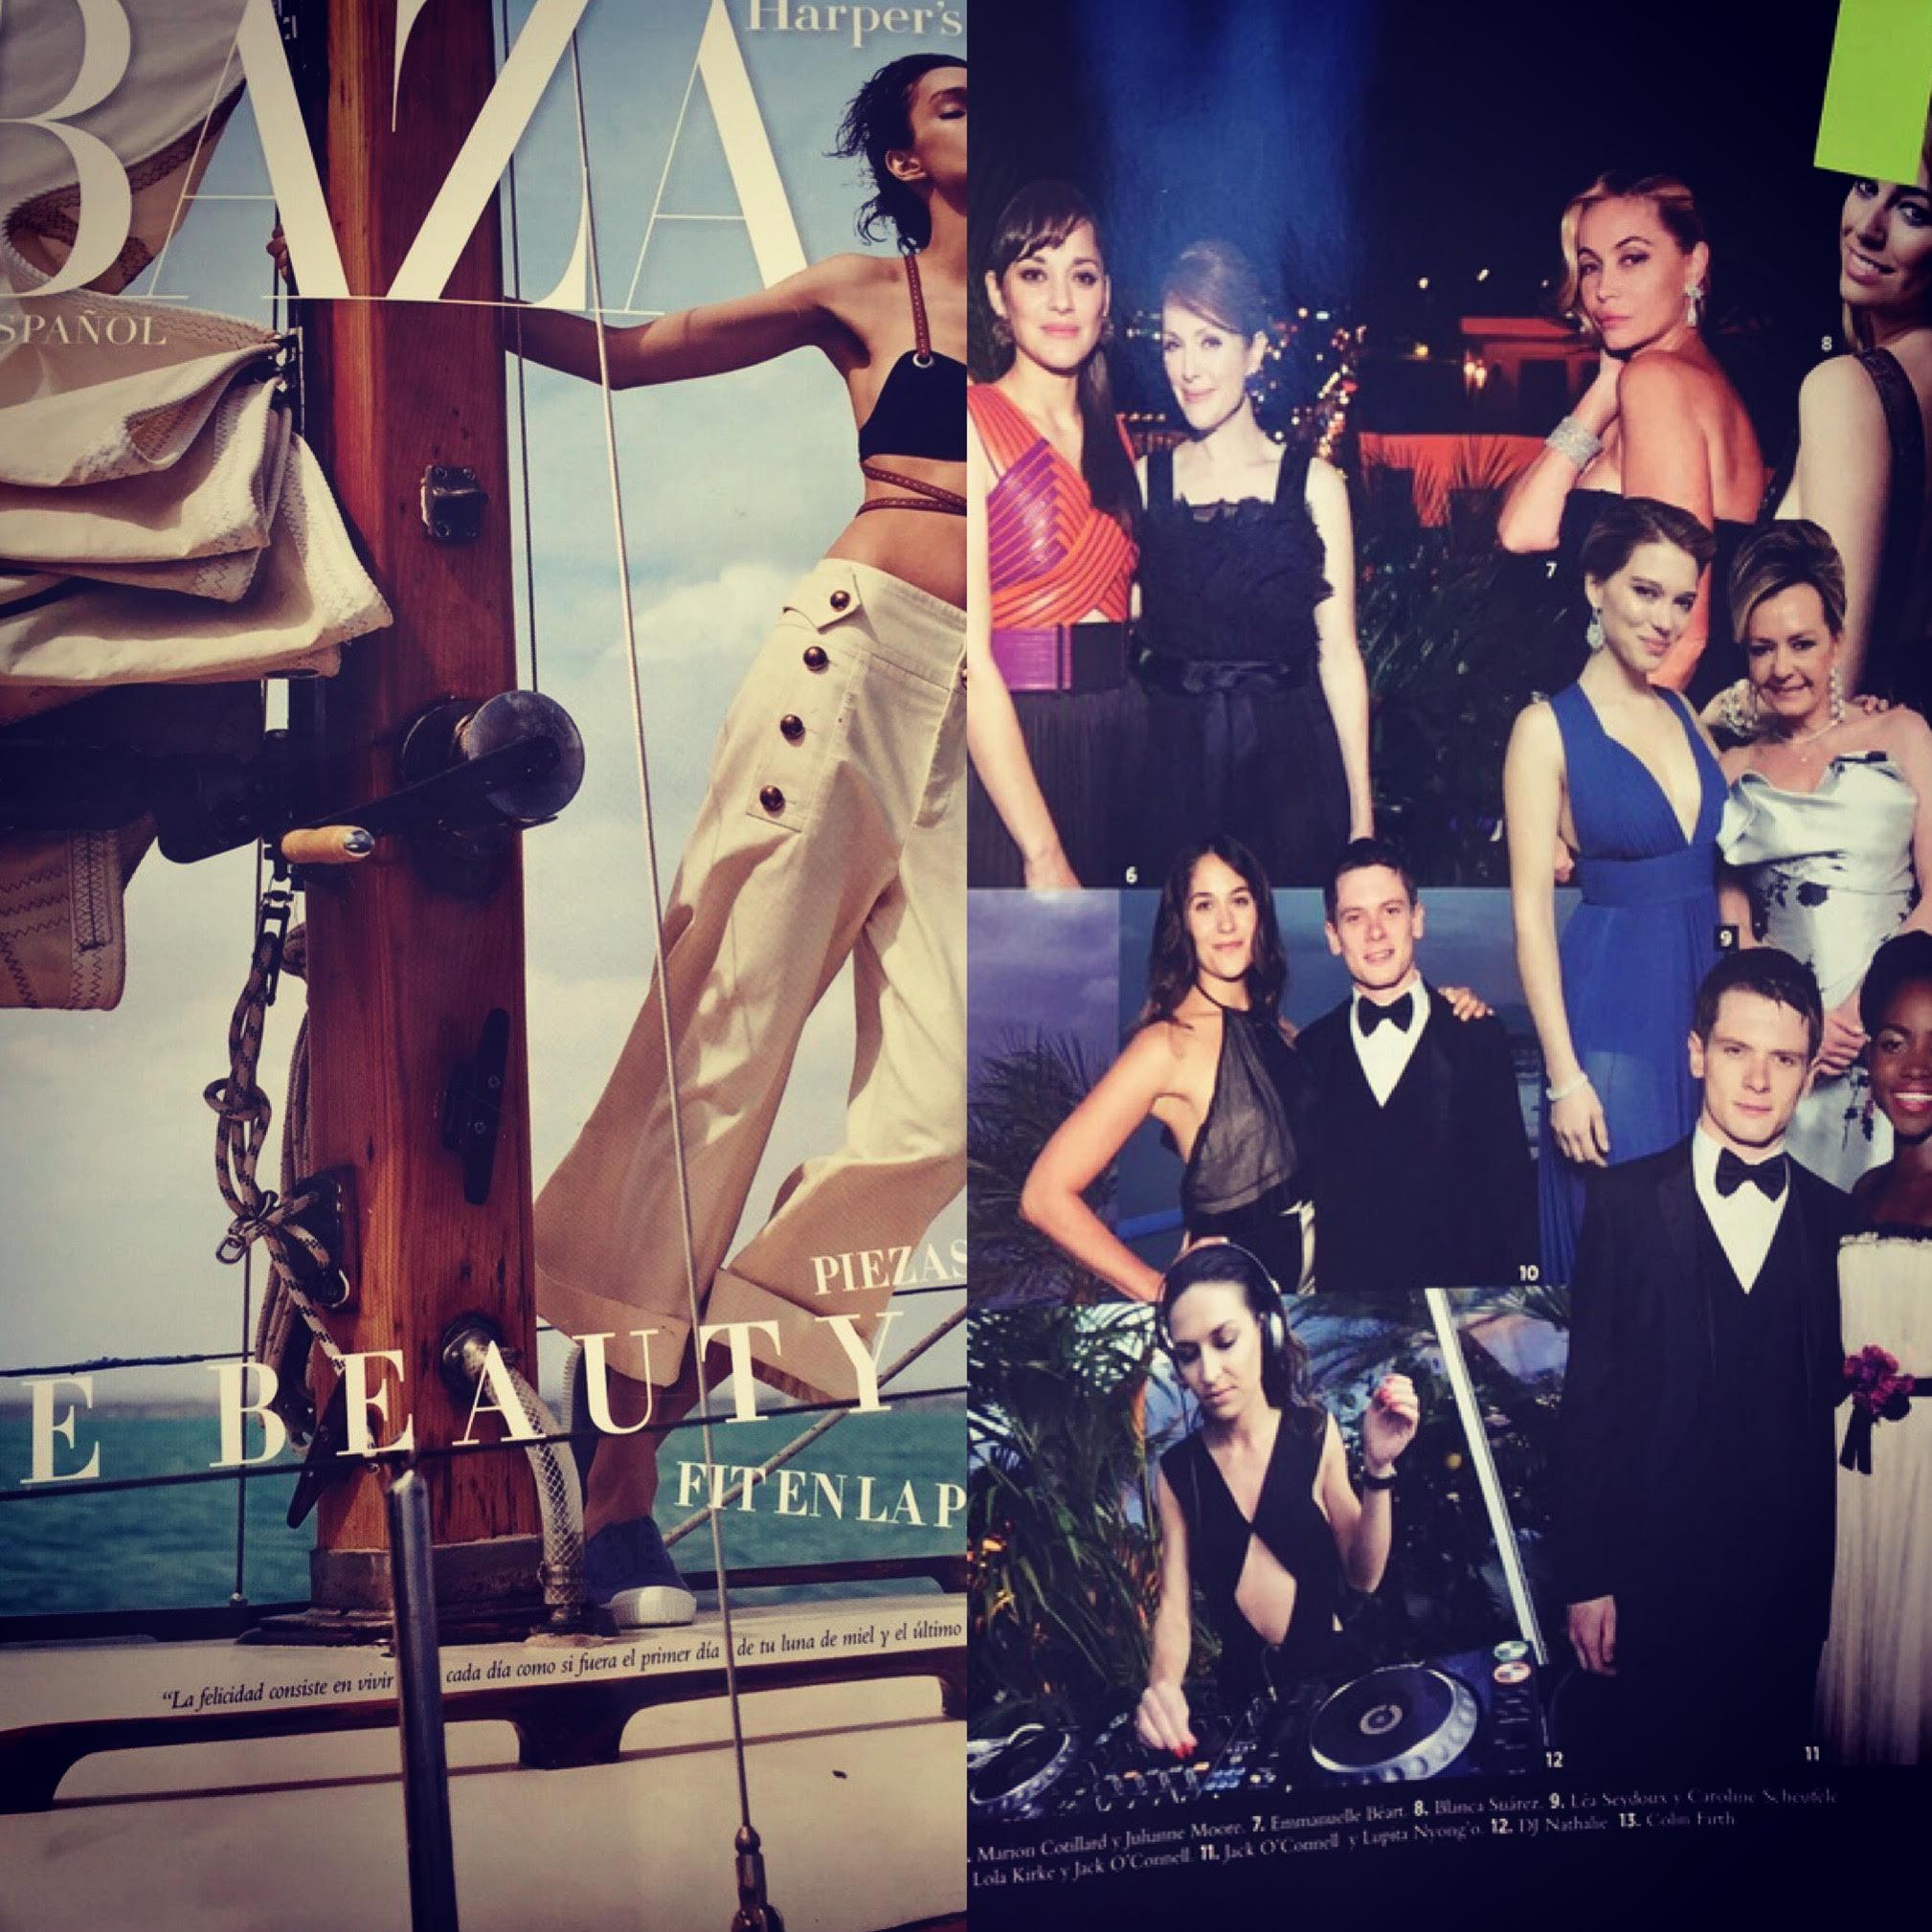 Harper's Bazaar -